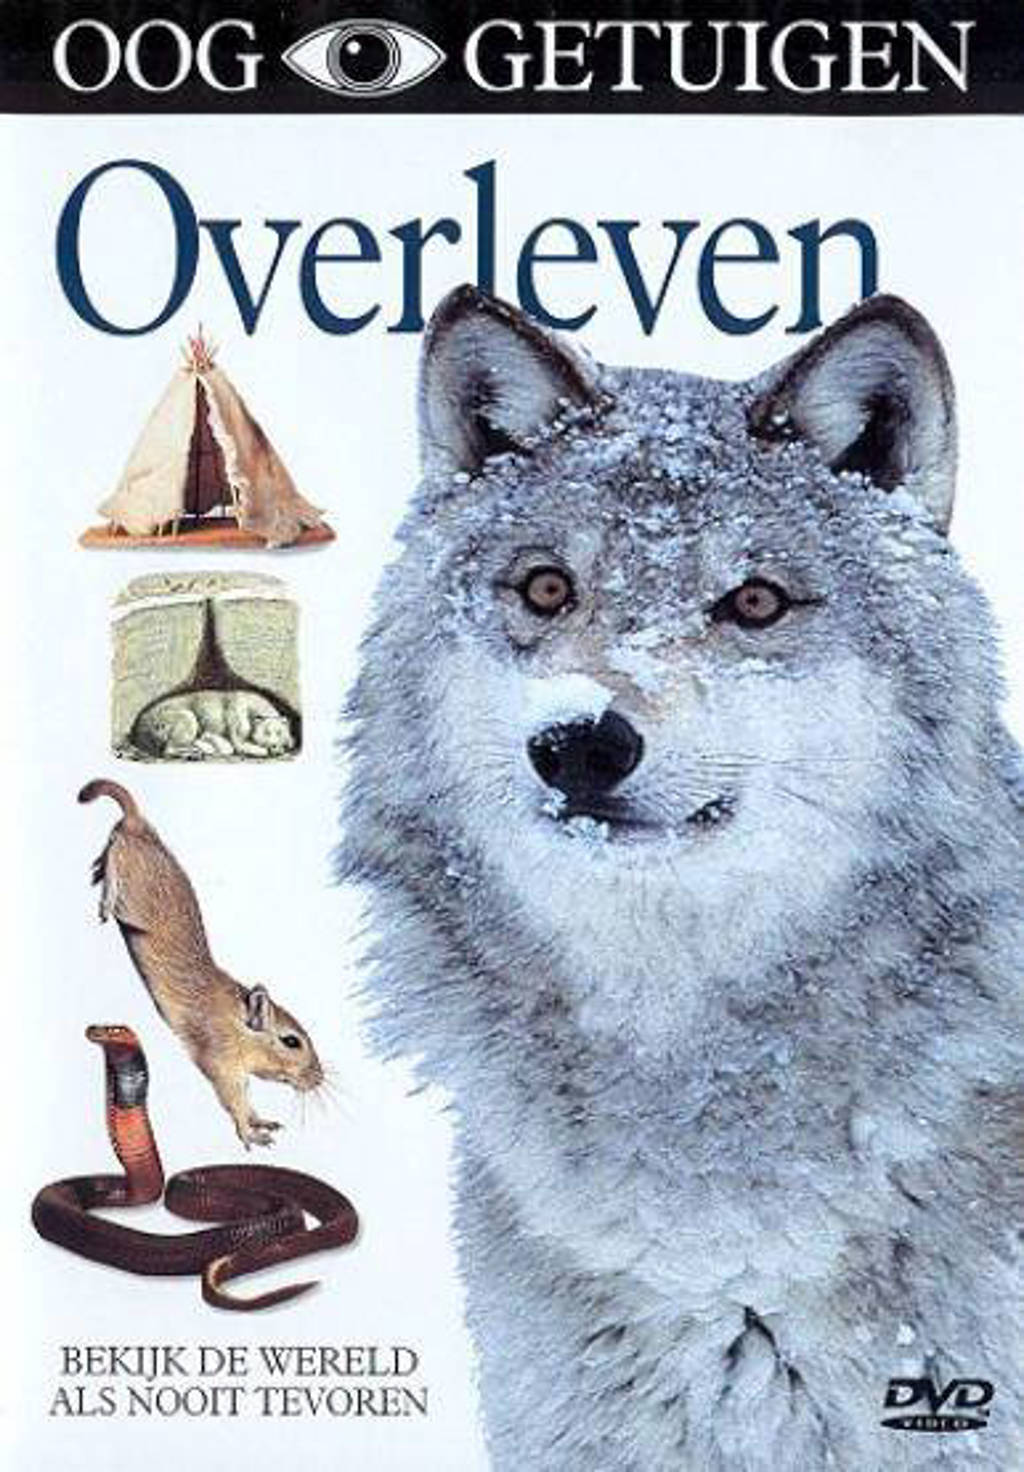 Ooggetuigen - overleven (DVD)